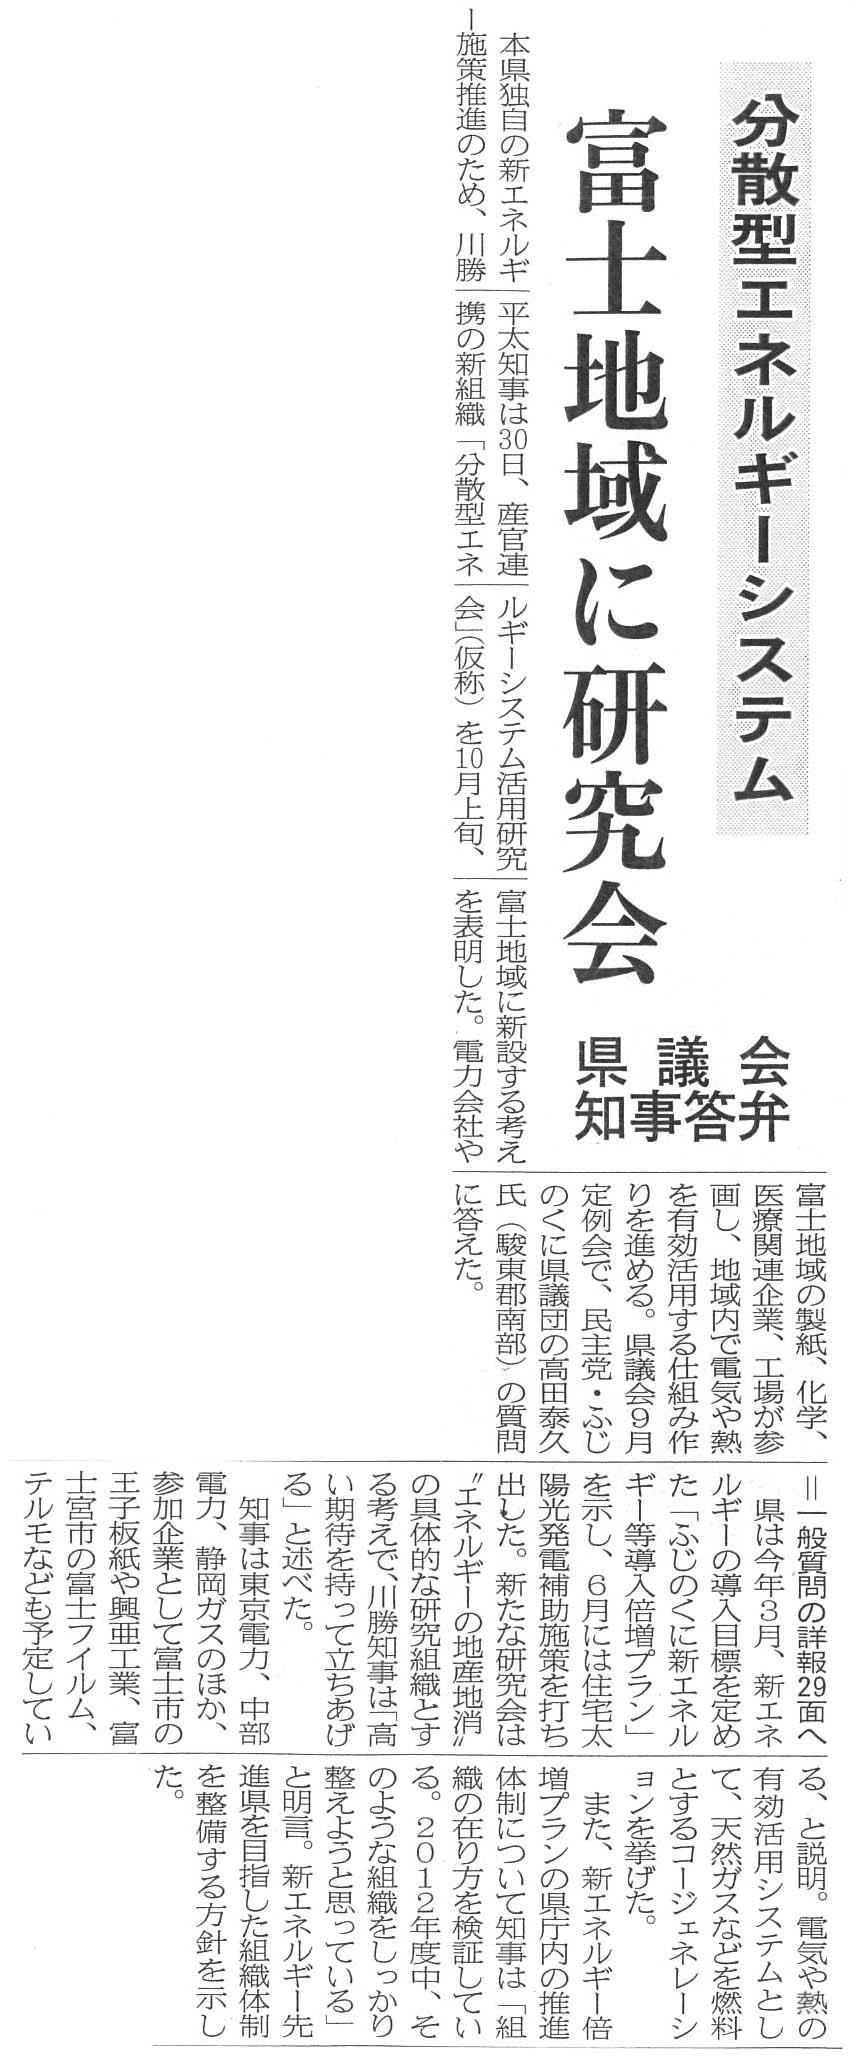 県が主導して富士地域に「分散型エネルギーシステム活用研究会」_f0141310_7381411.jpg